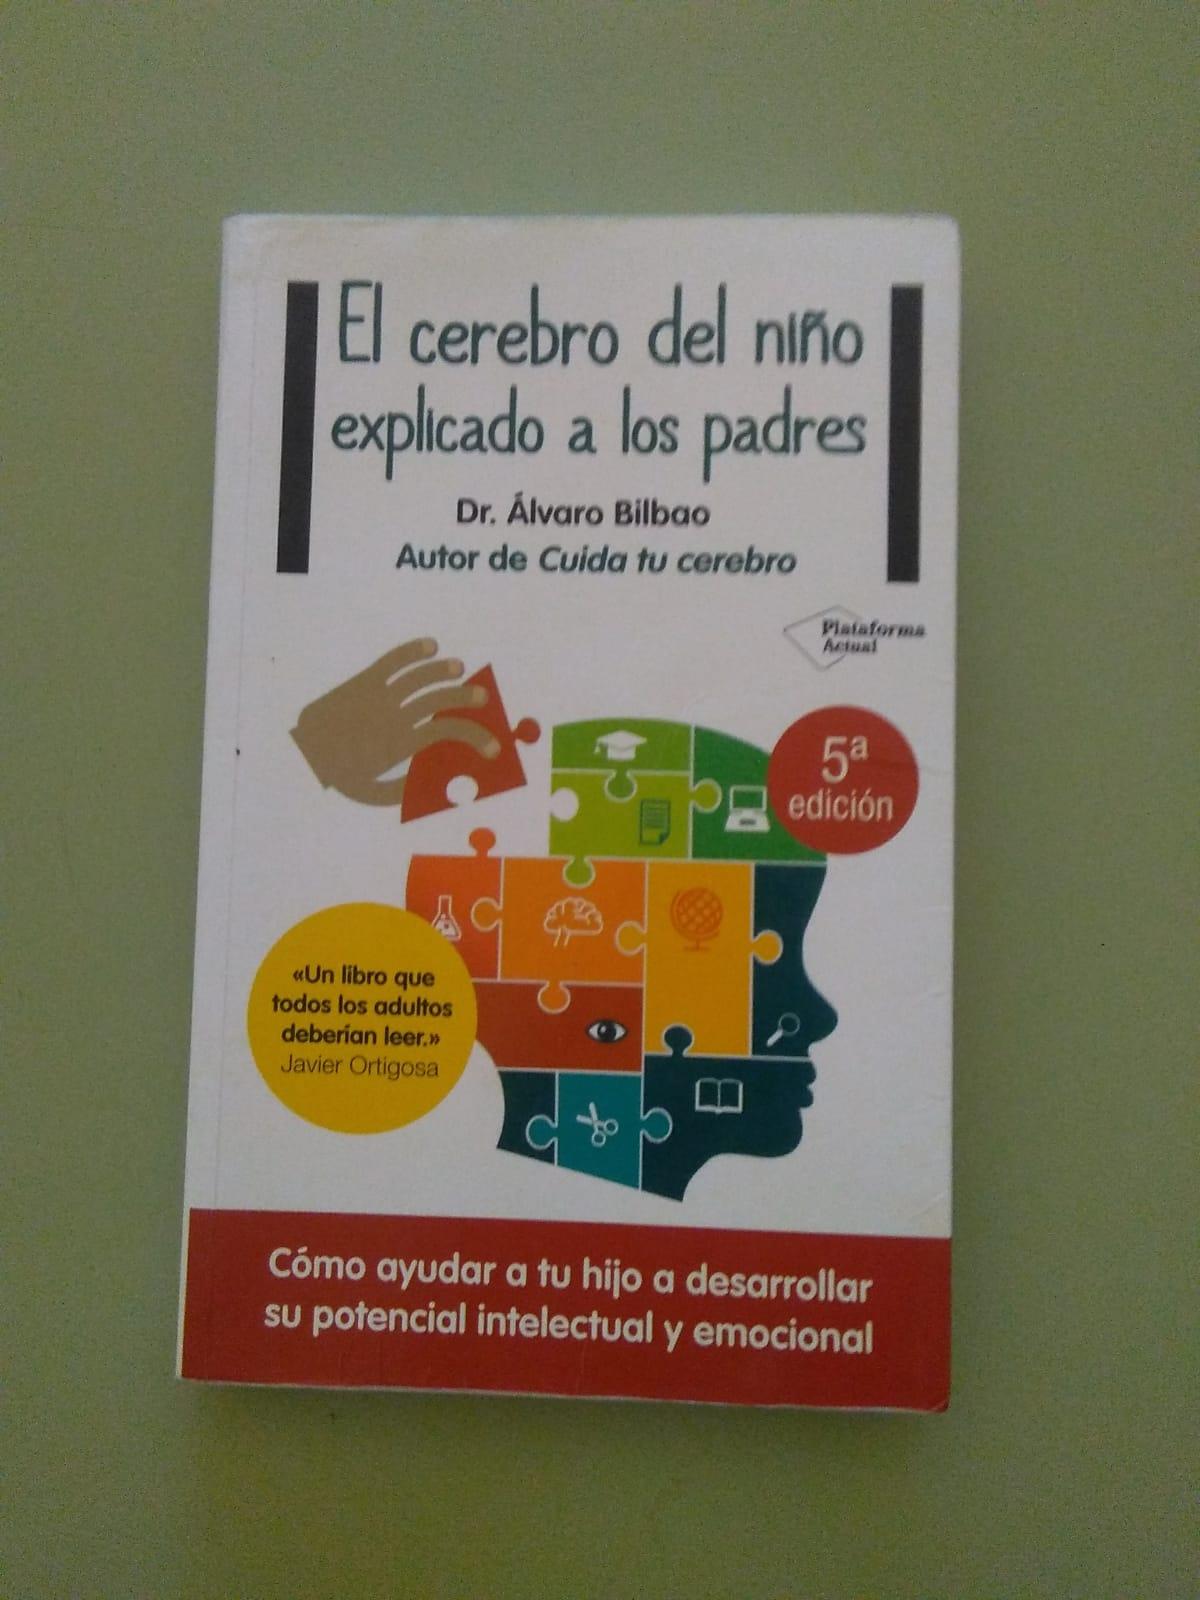 EL CEREBRO DEL NIÑO EXPLICADO A LOS PADRES. Libro del DR. Álvaro Bilbao.